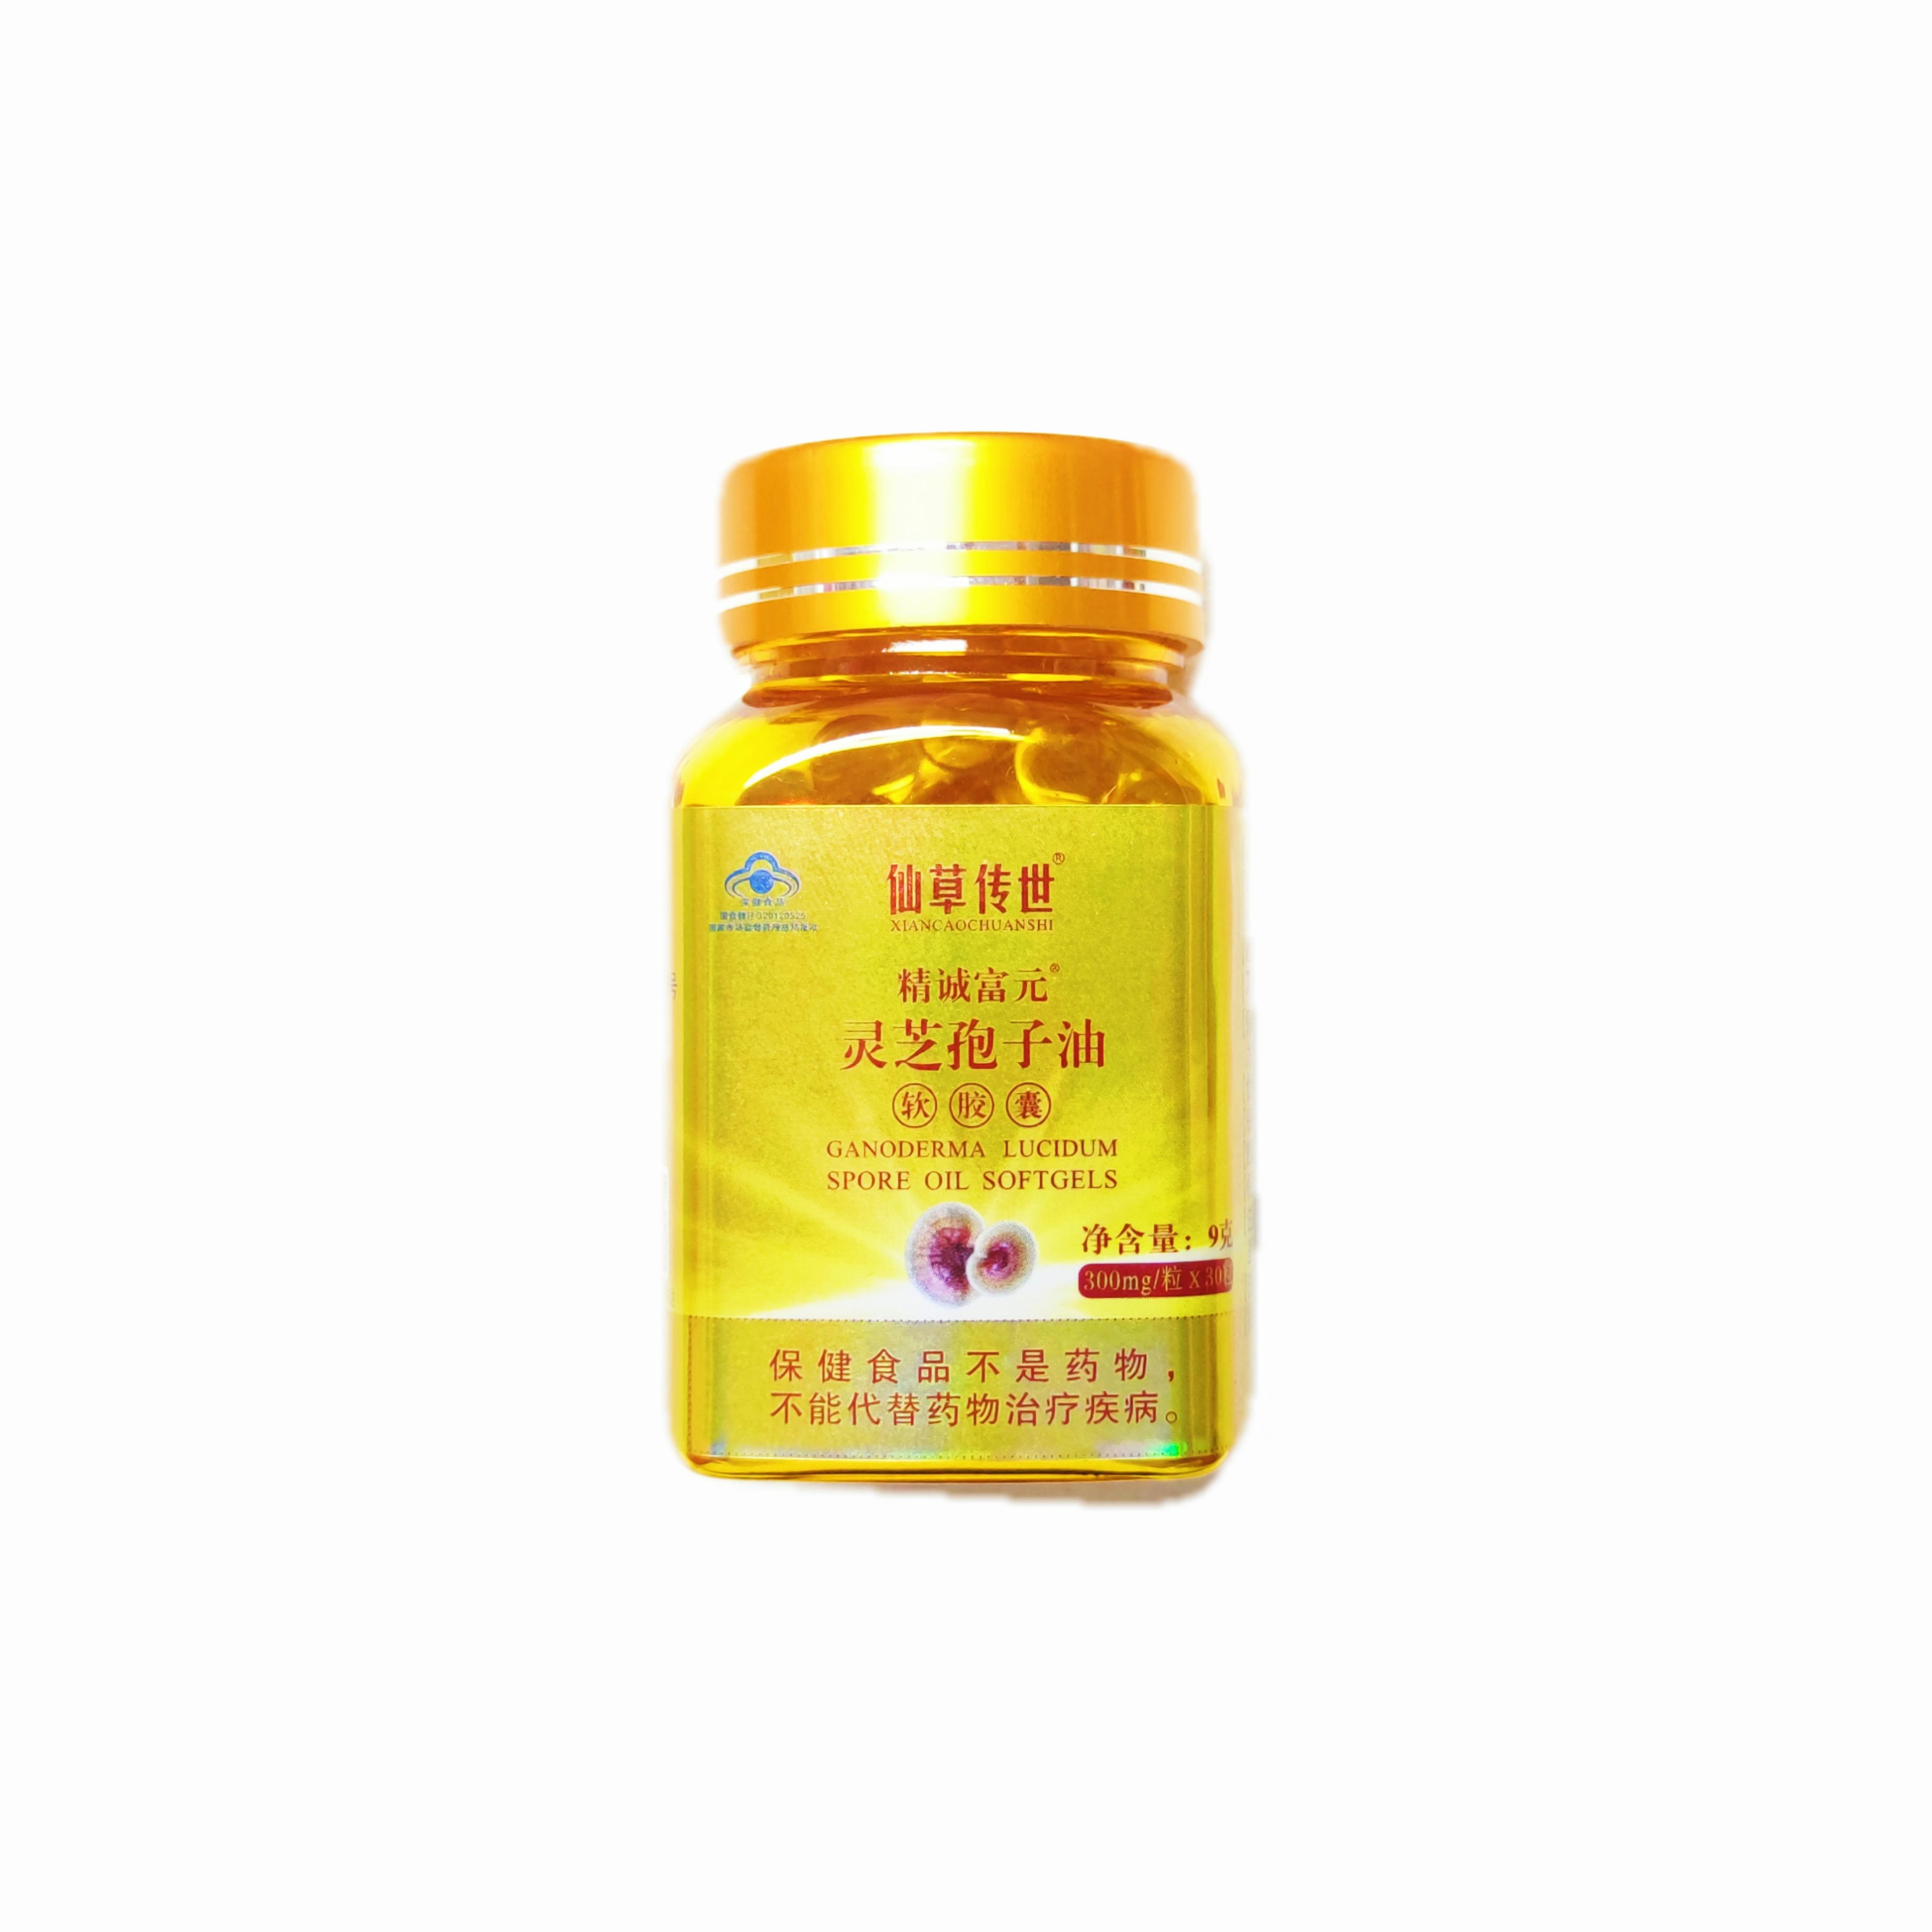 灵芝孢子油